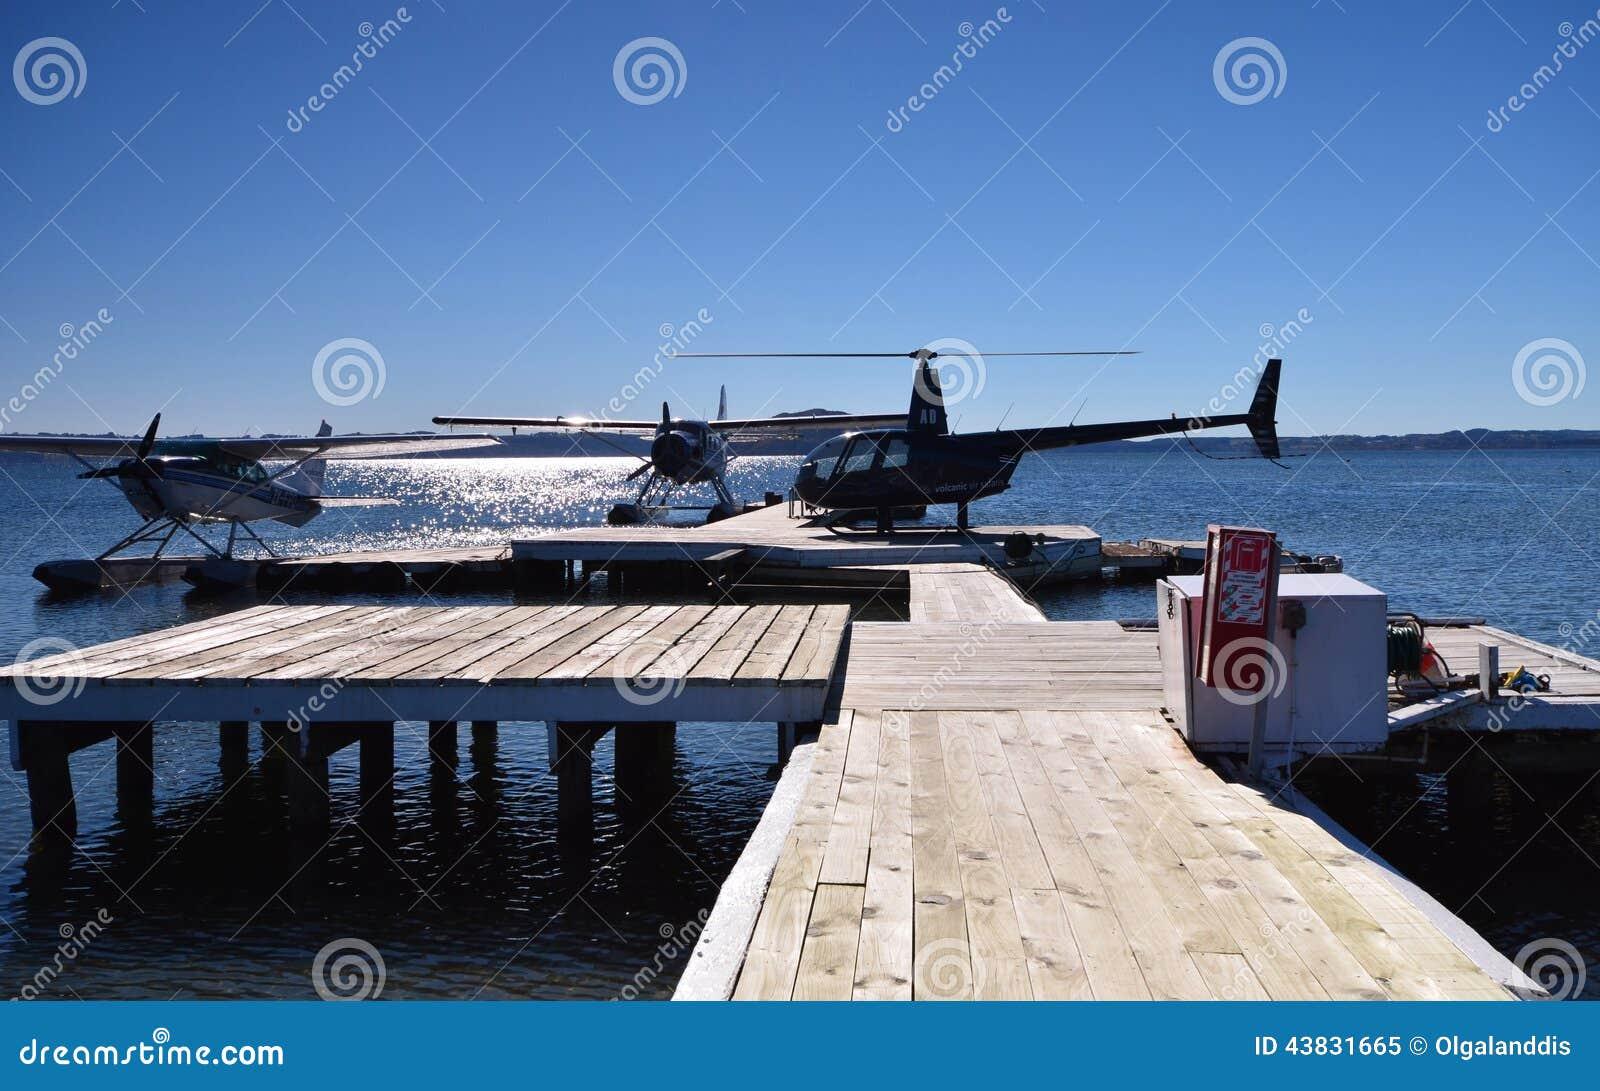 Seaplane. Robinson Helicopter. Lake Rotorua. New Zealand ...